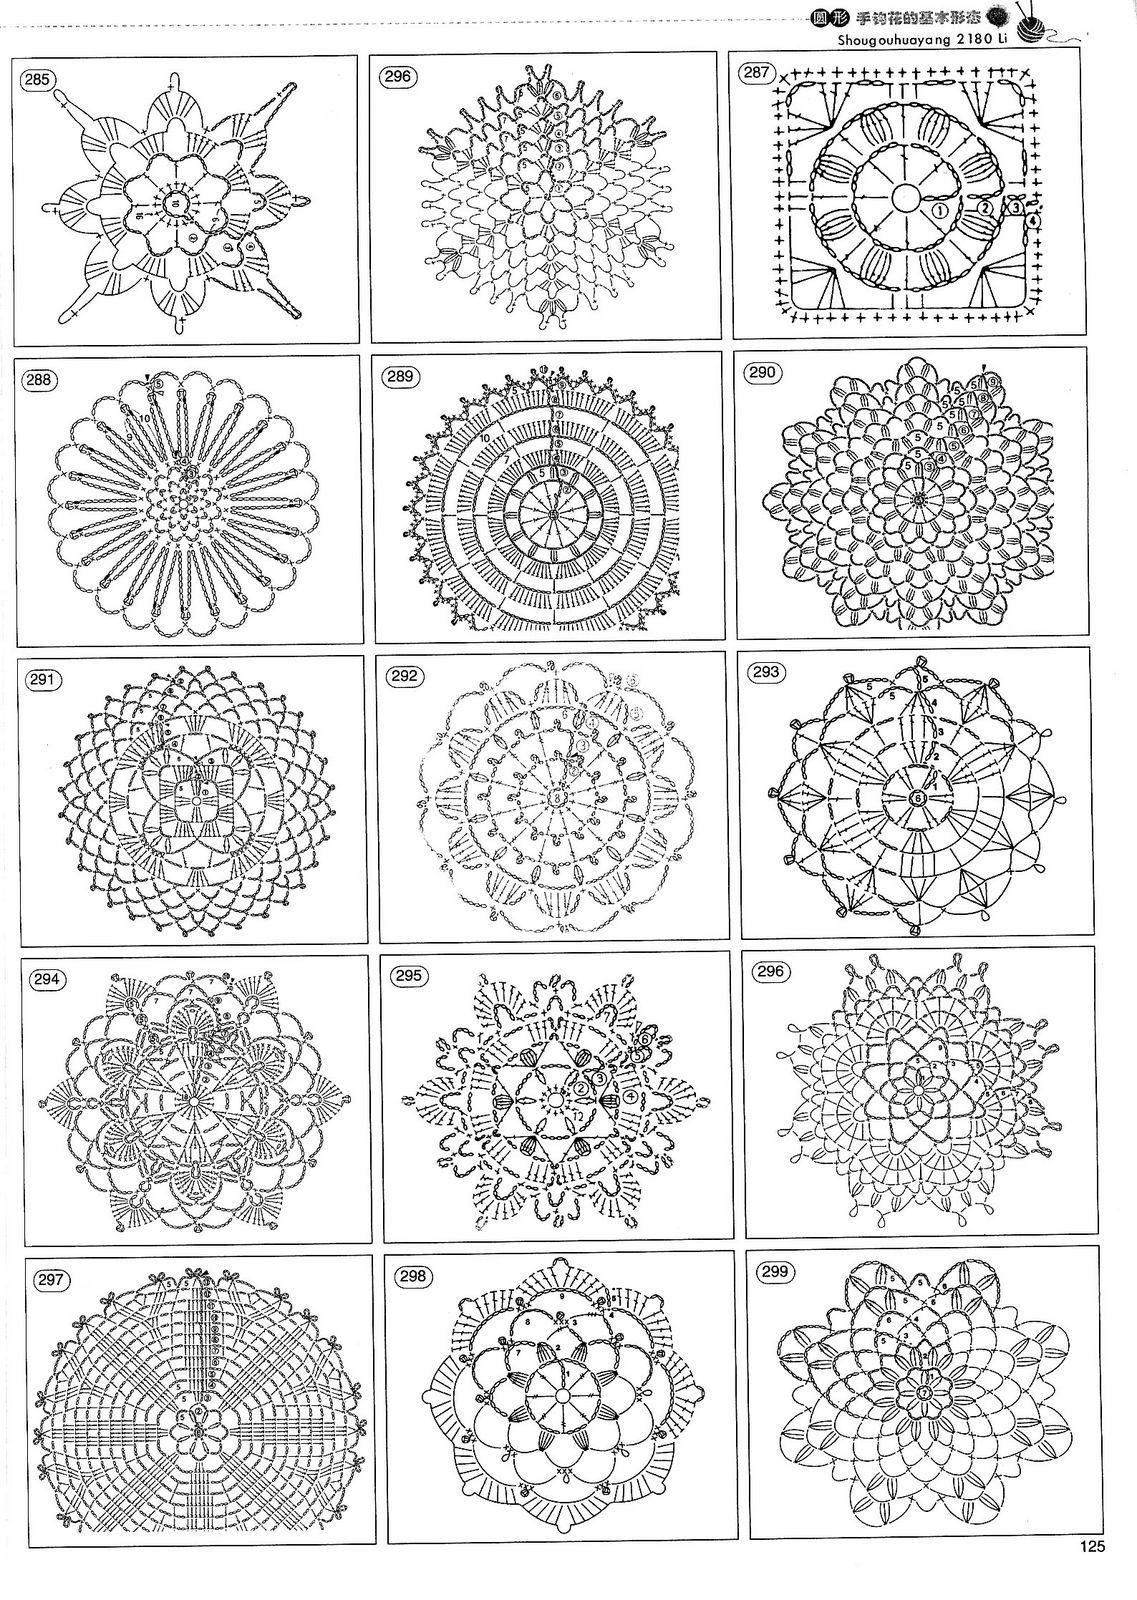 125.jpg (1137×1600)